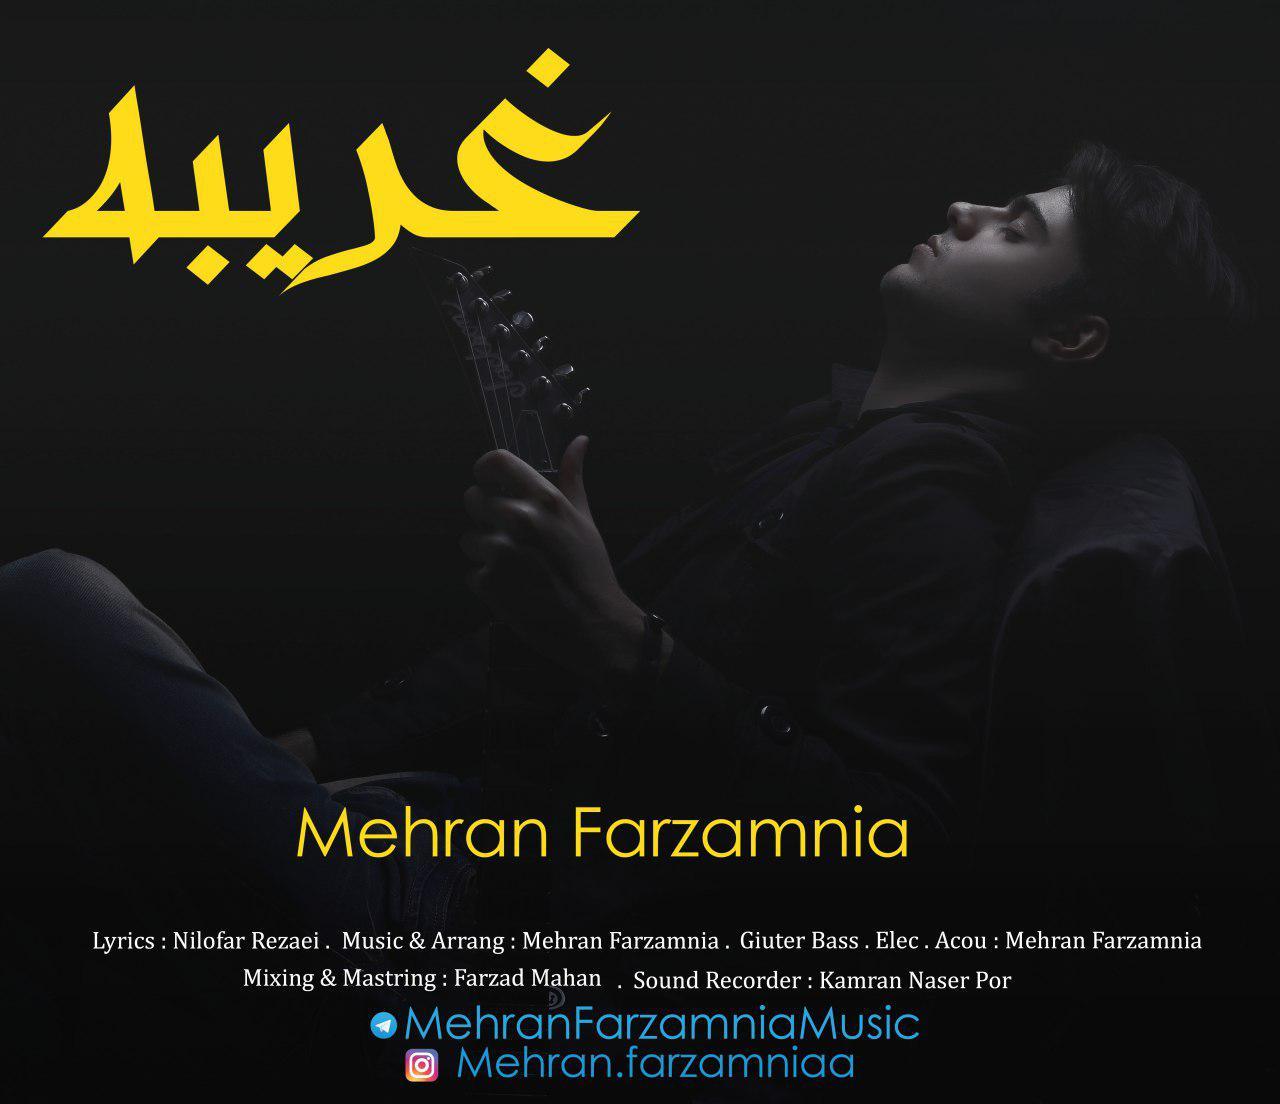 دانلود آهنگ جدید مهران فرزام نیا بنام غریبه